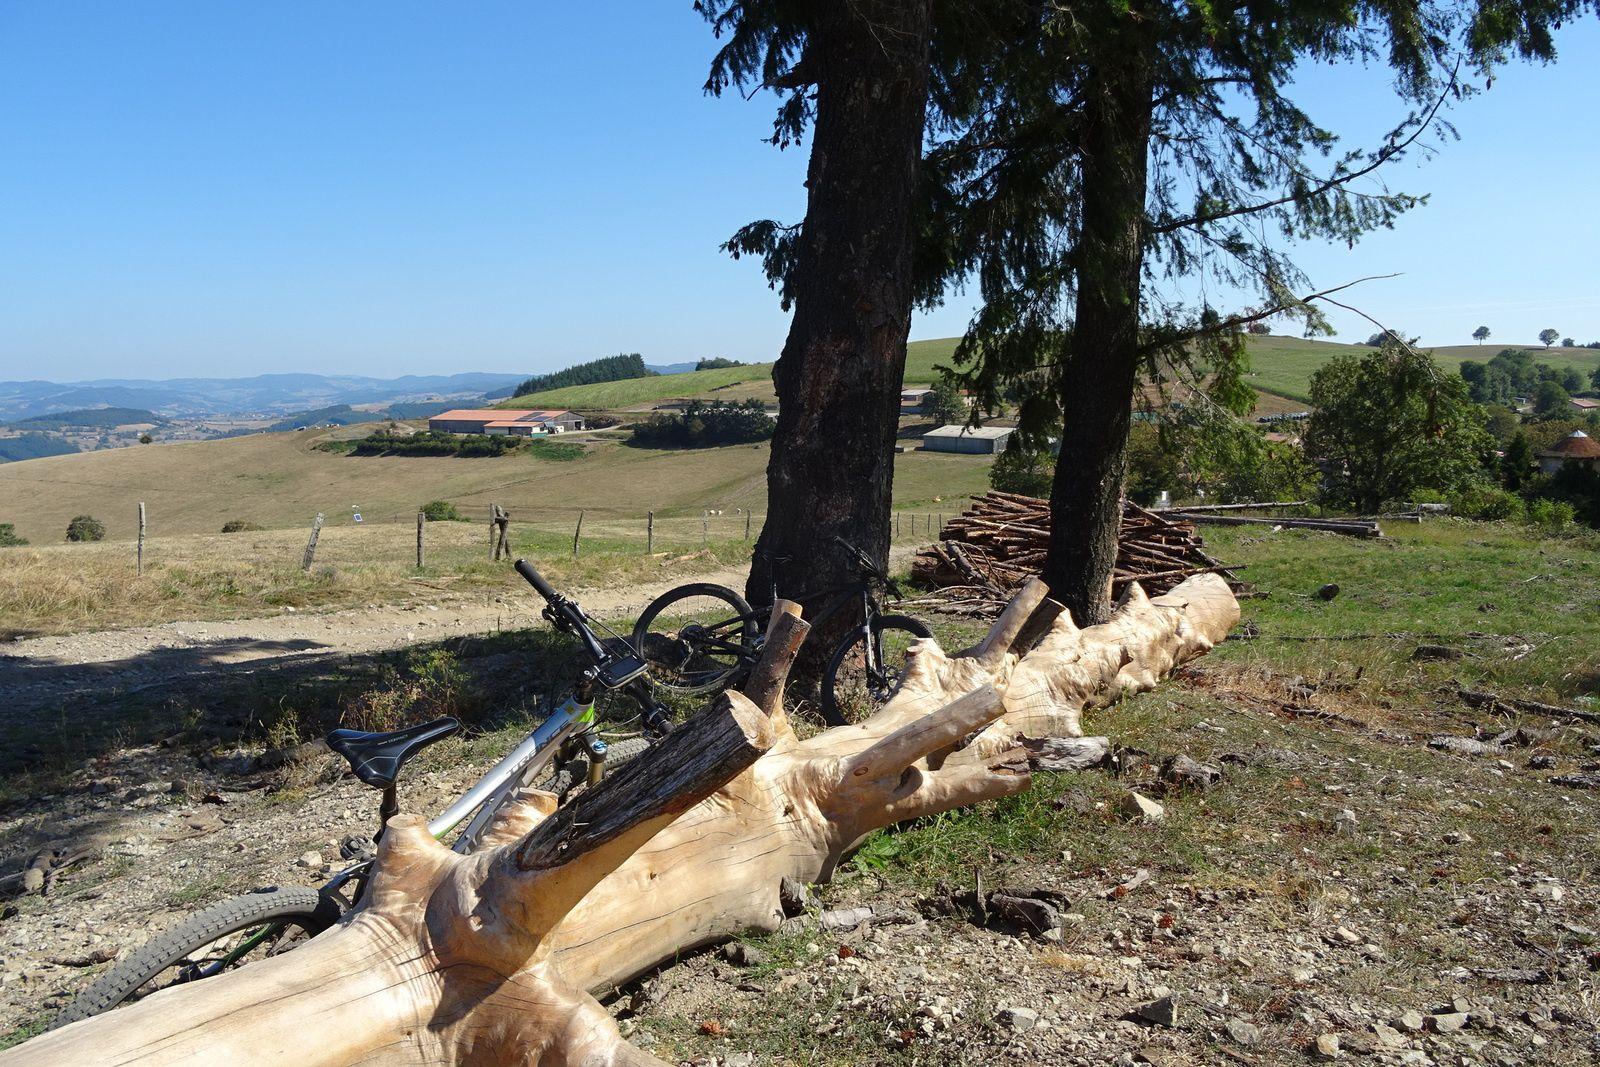 J'ai bien aimé cet arbre tout dépouillé de son écorce, son bois semble doré.